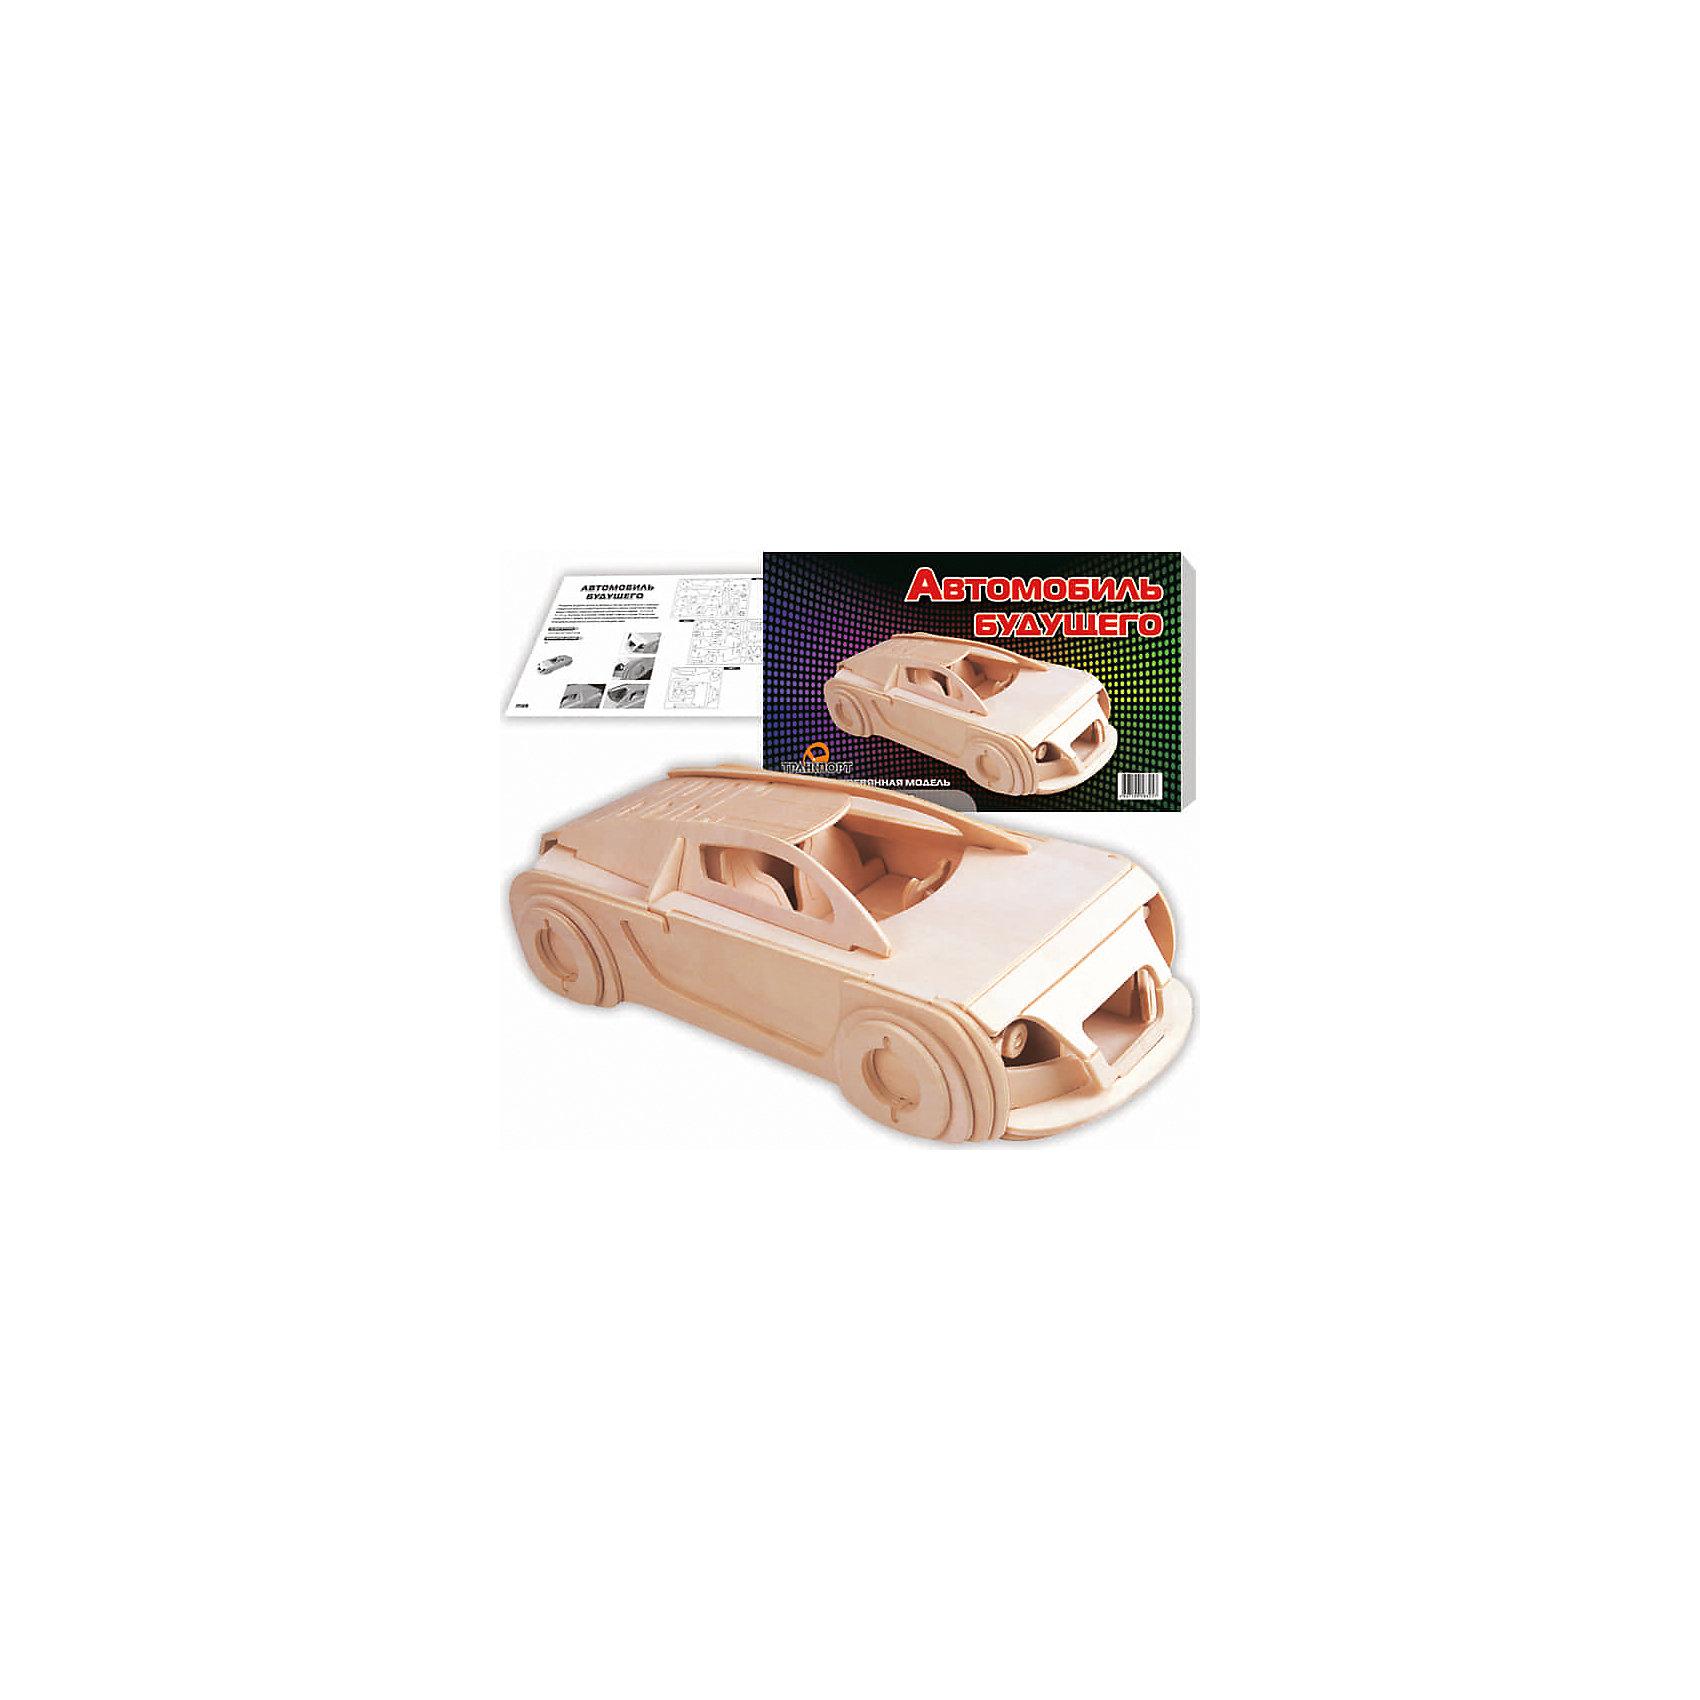 МДИ Автомобиль будущего, Мир деревянных игрушек игрушка мир деревянных игрушек лабиринт слон д345